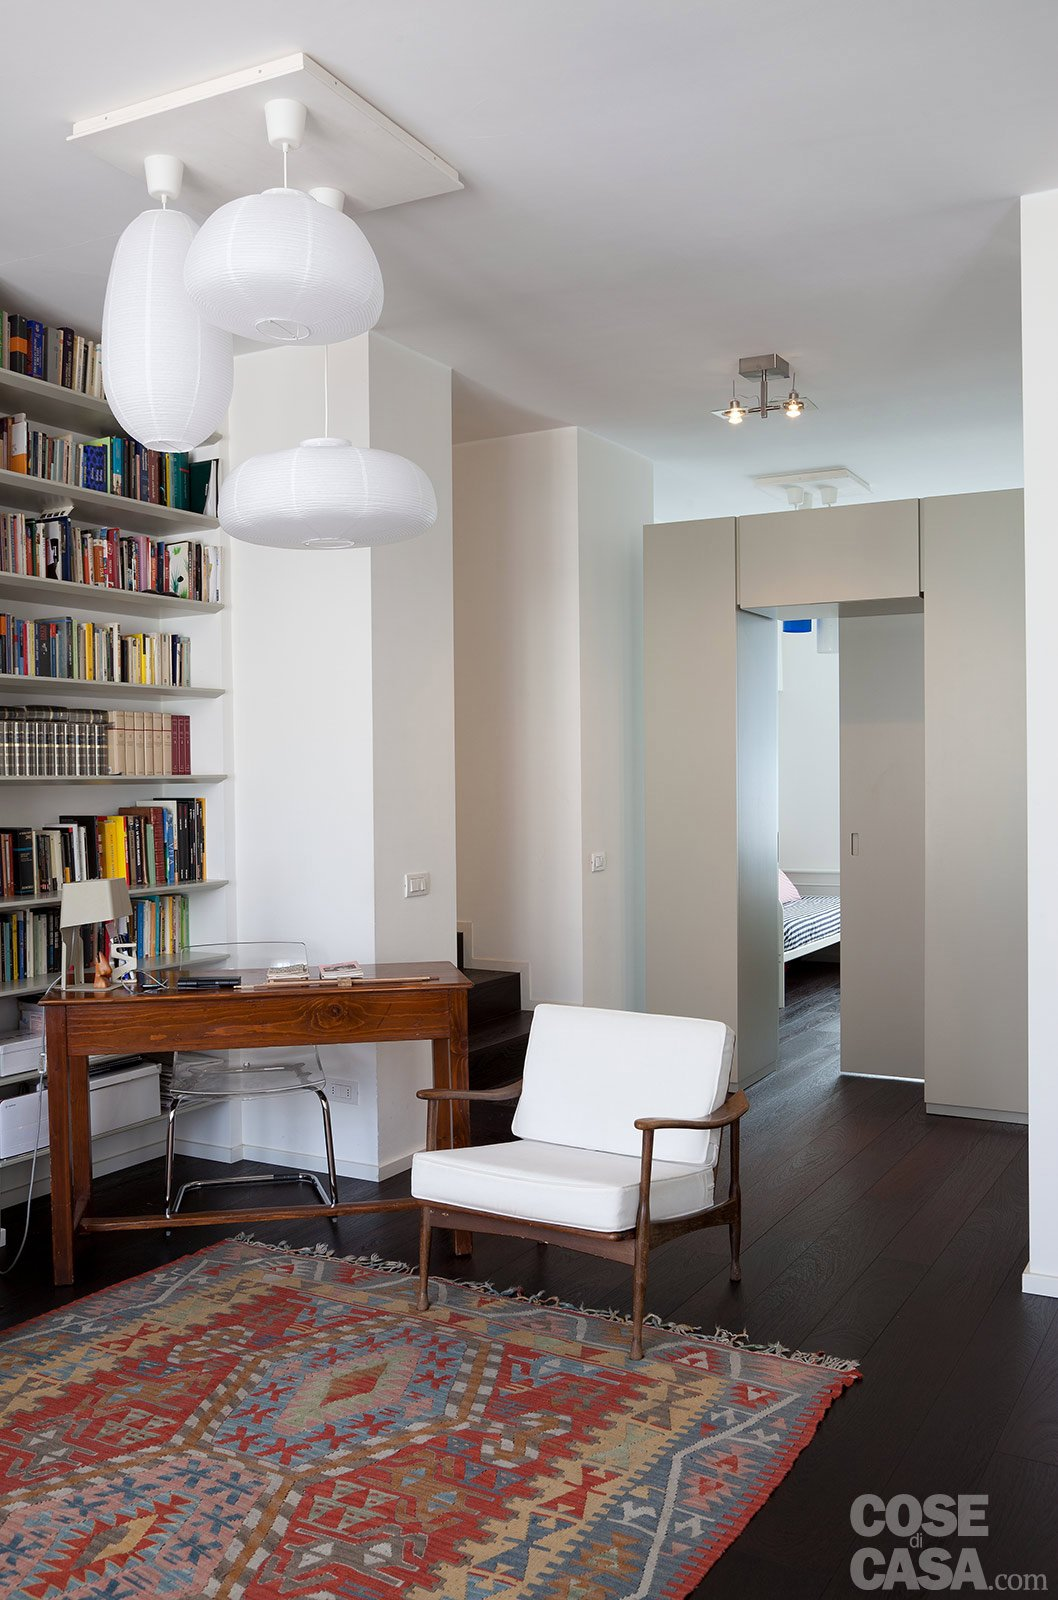 70 mq la casa migliora cos cose di casa - Arredare casa 30 mq ikea ...